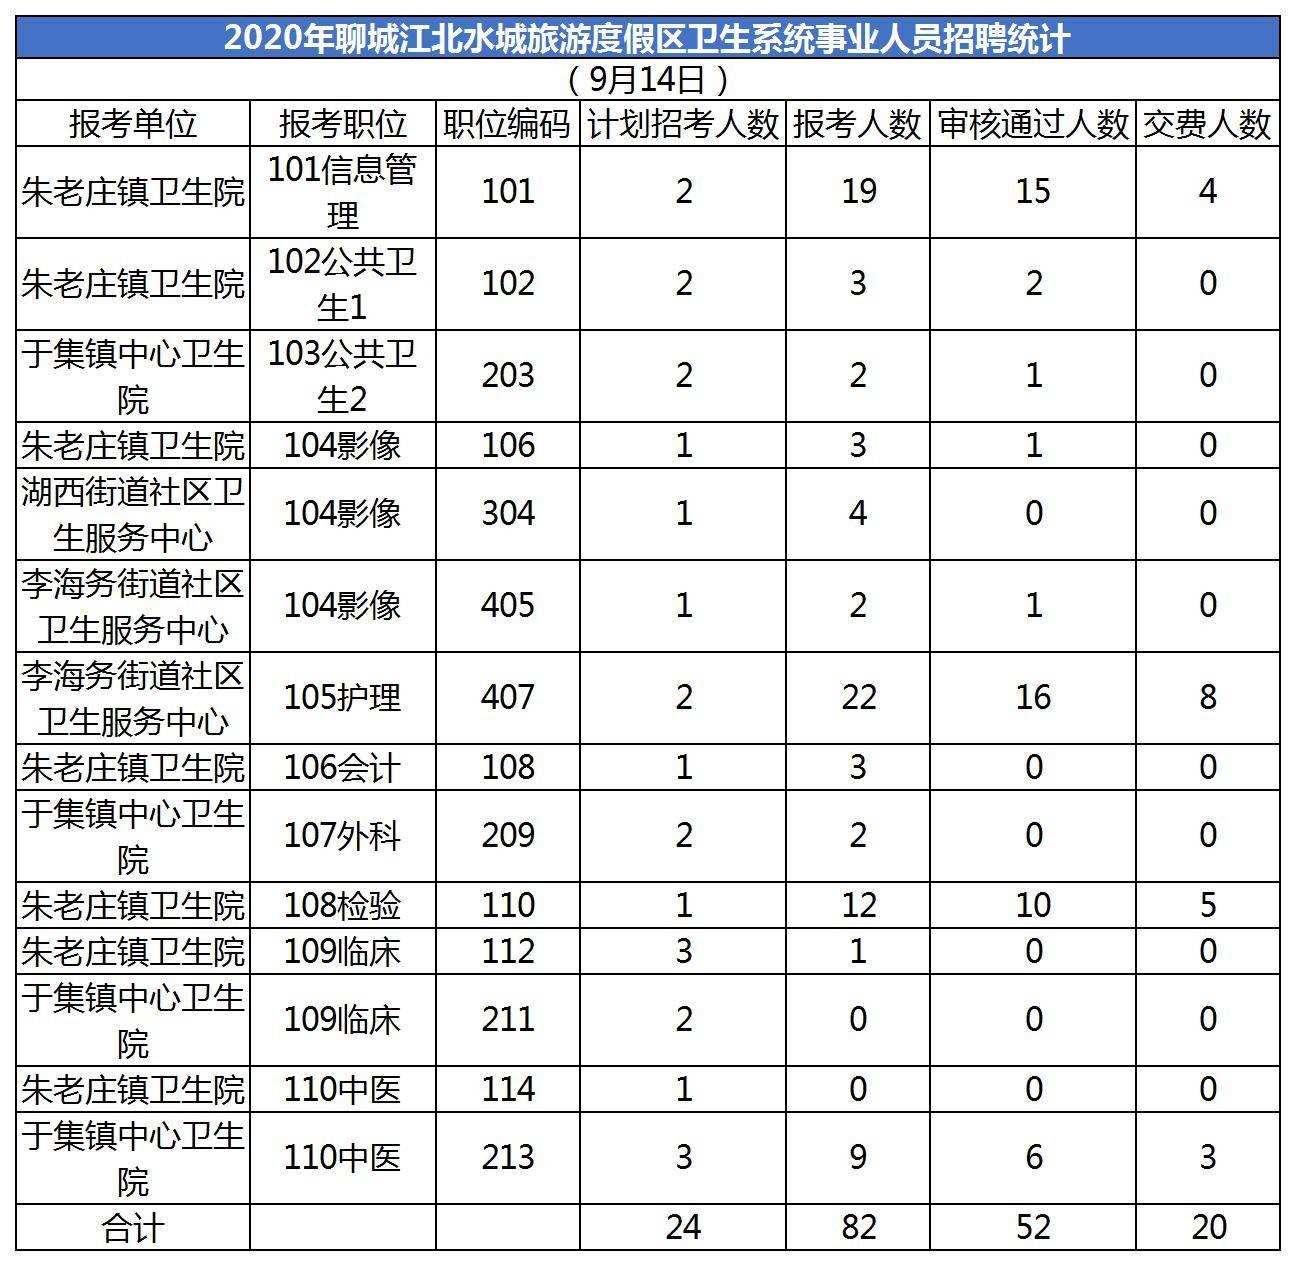 2020年聊城江北水城旅游度假区卫生系统事业人员招聘统计(截止9月14日)